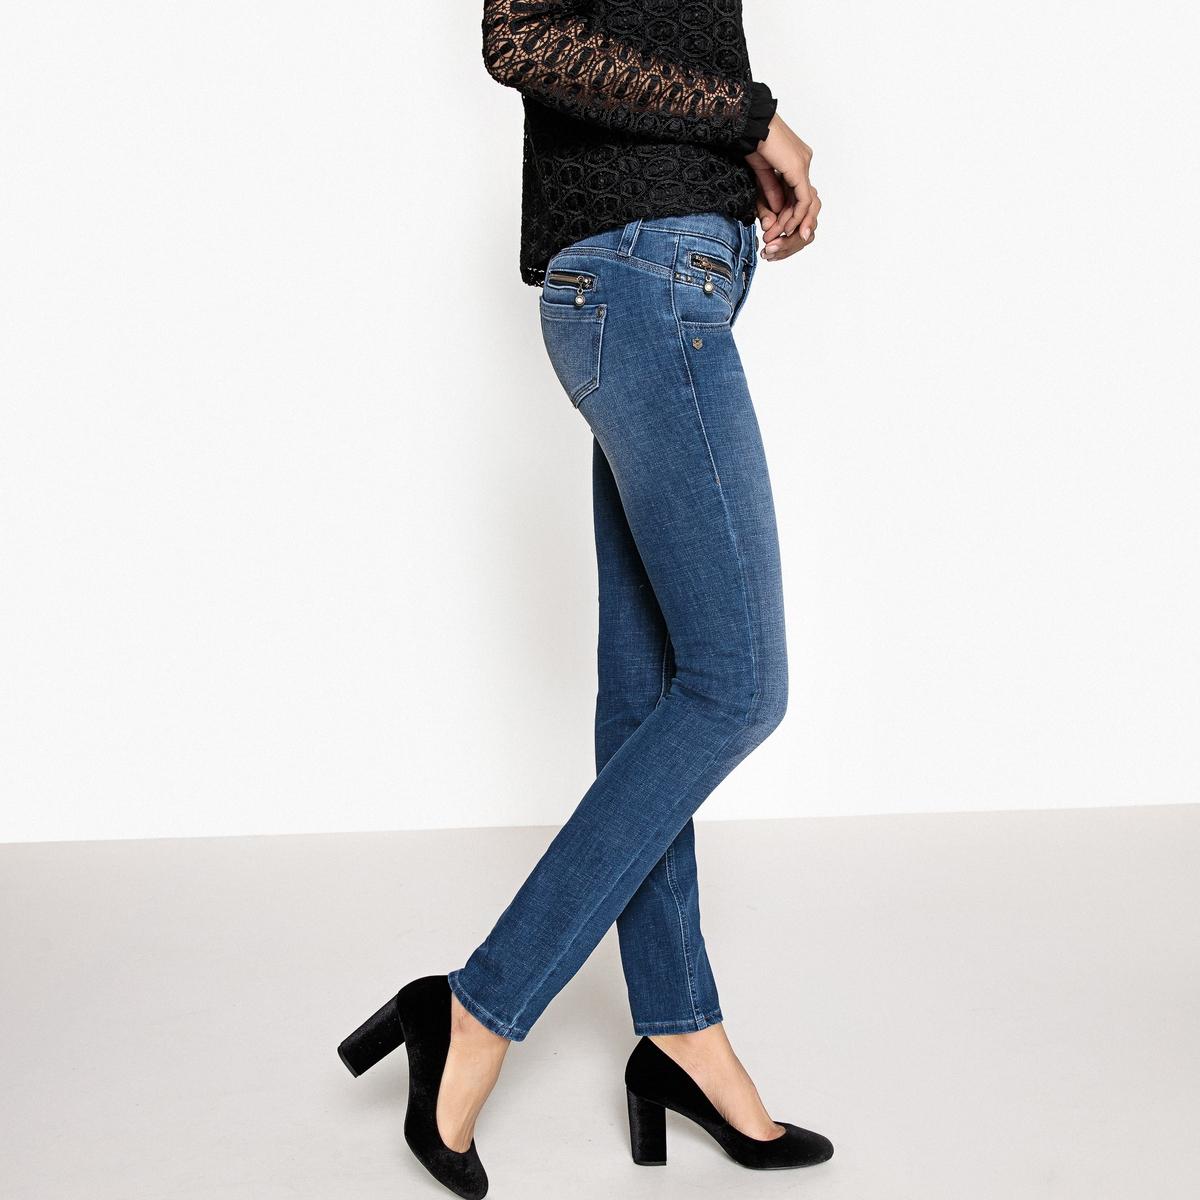 Узкие джинсы ALEXA BI-Strech деним